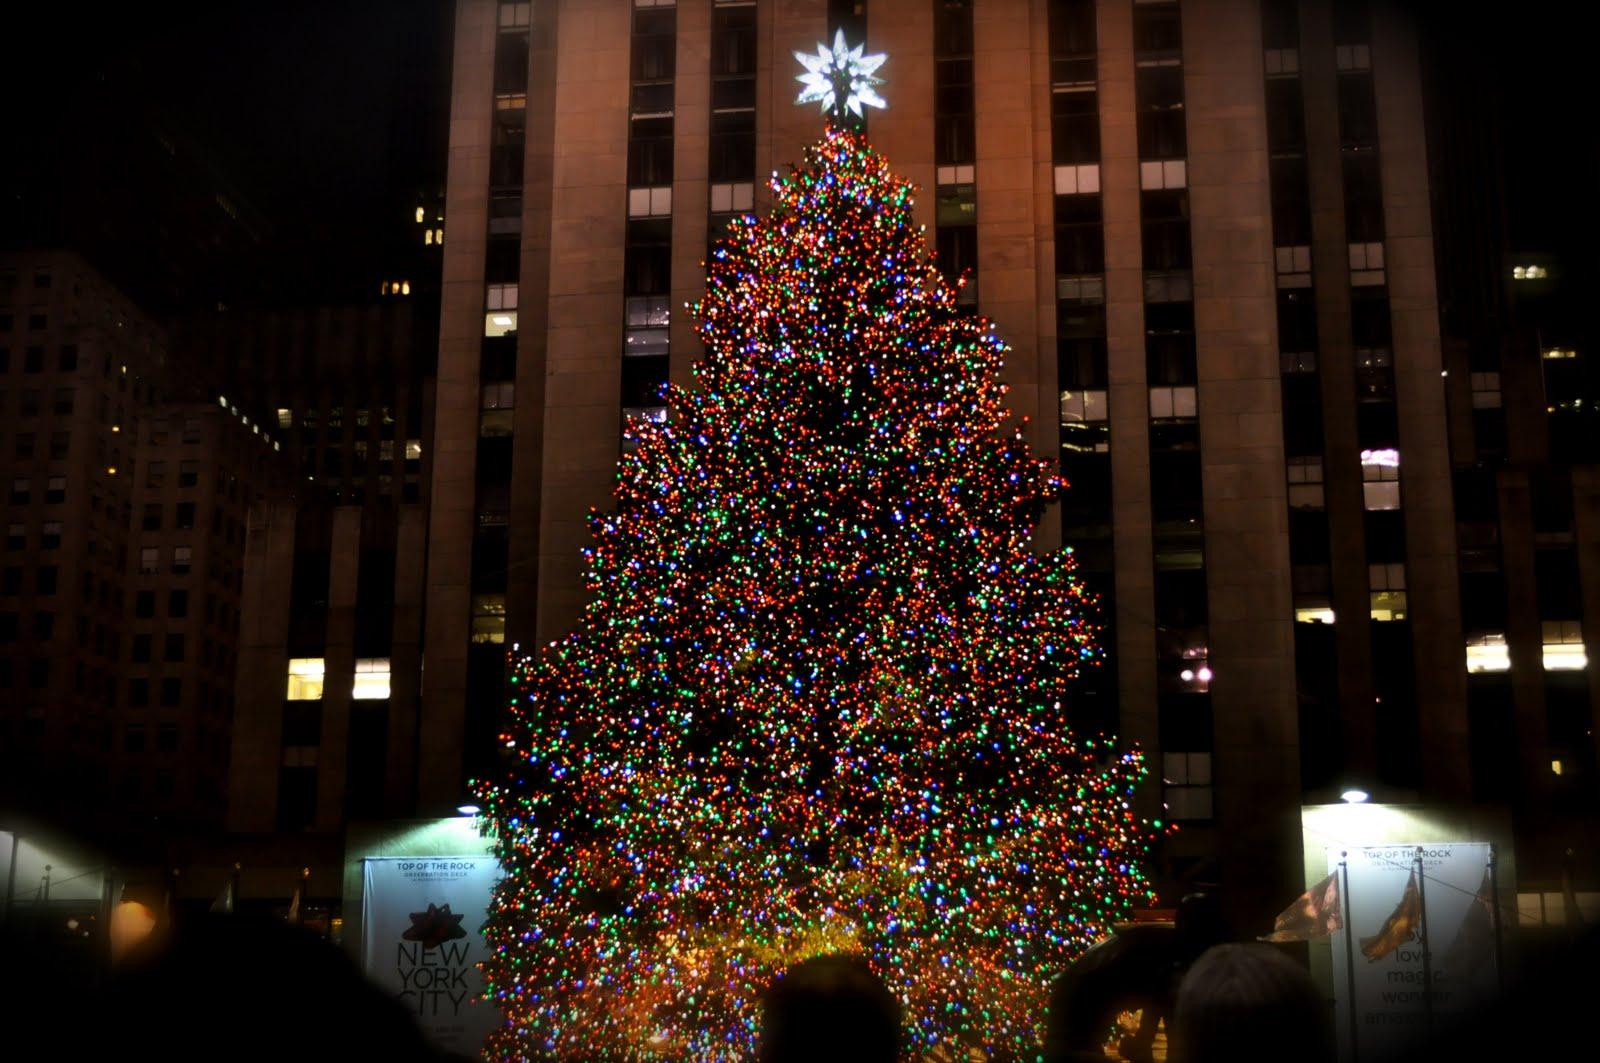 Chikalog Rockefeller Center Christmas Tree